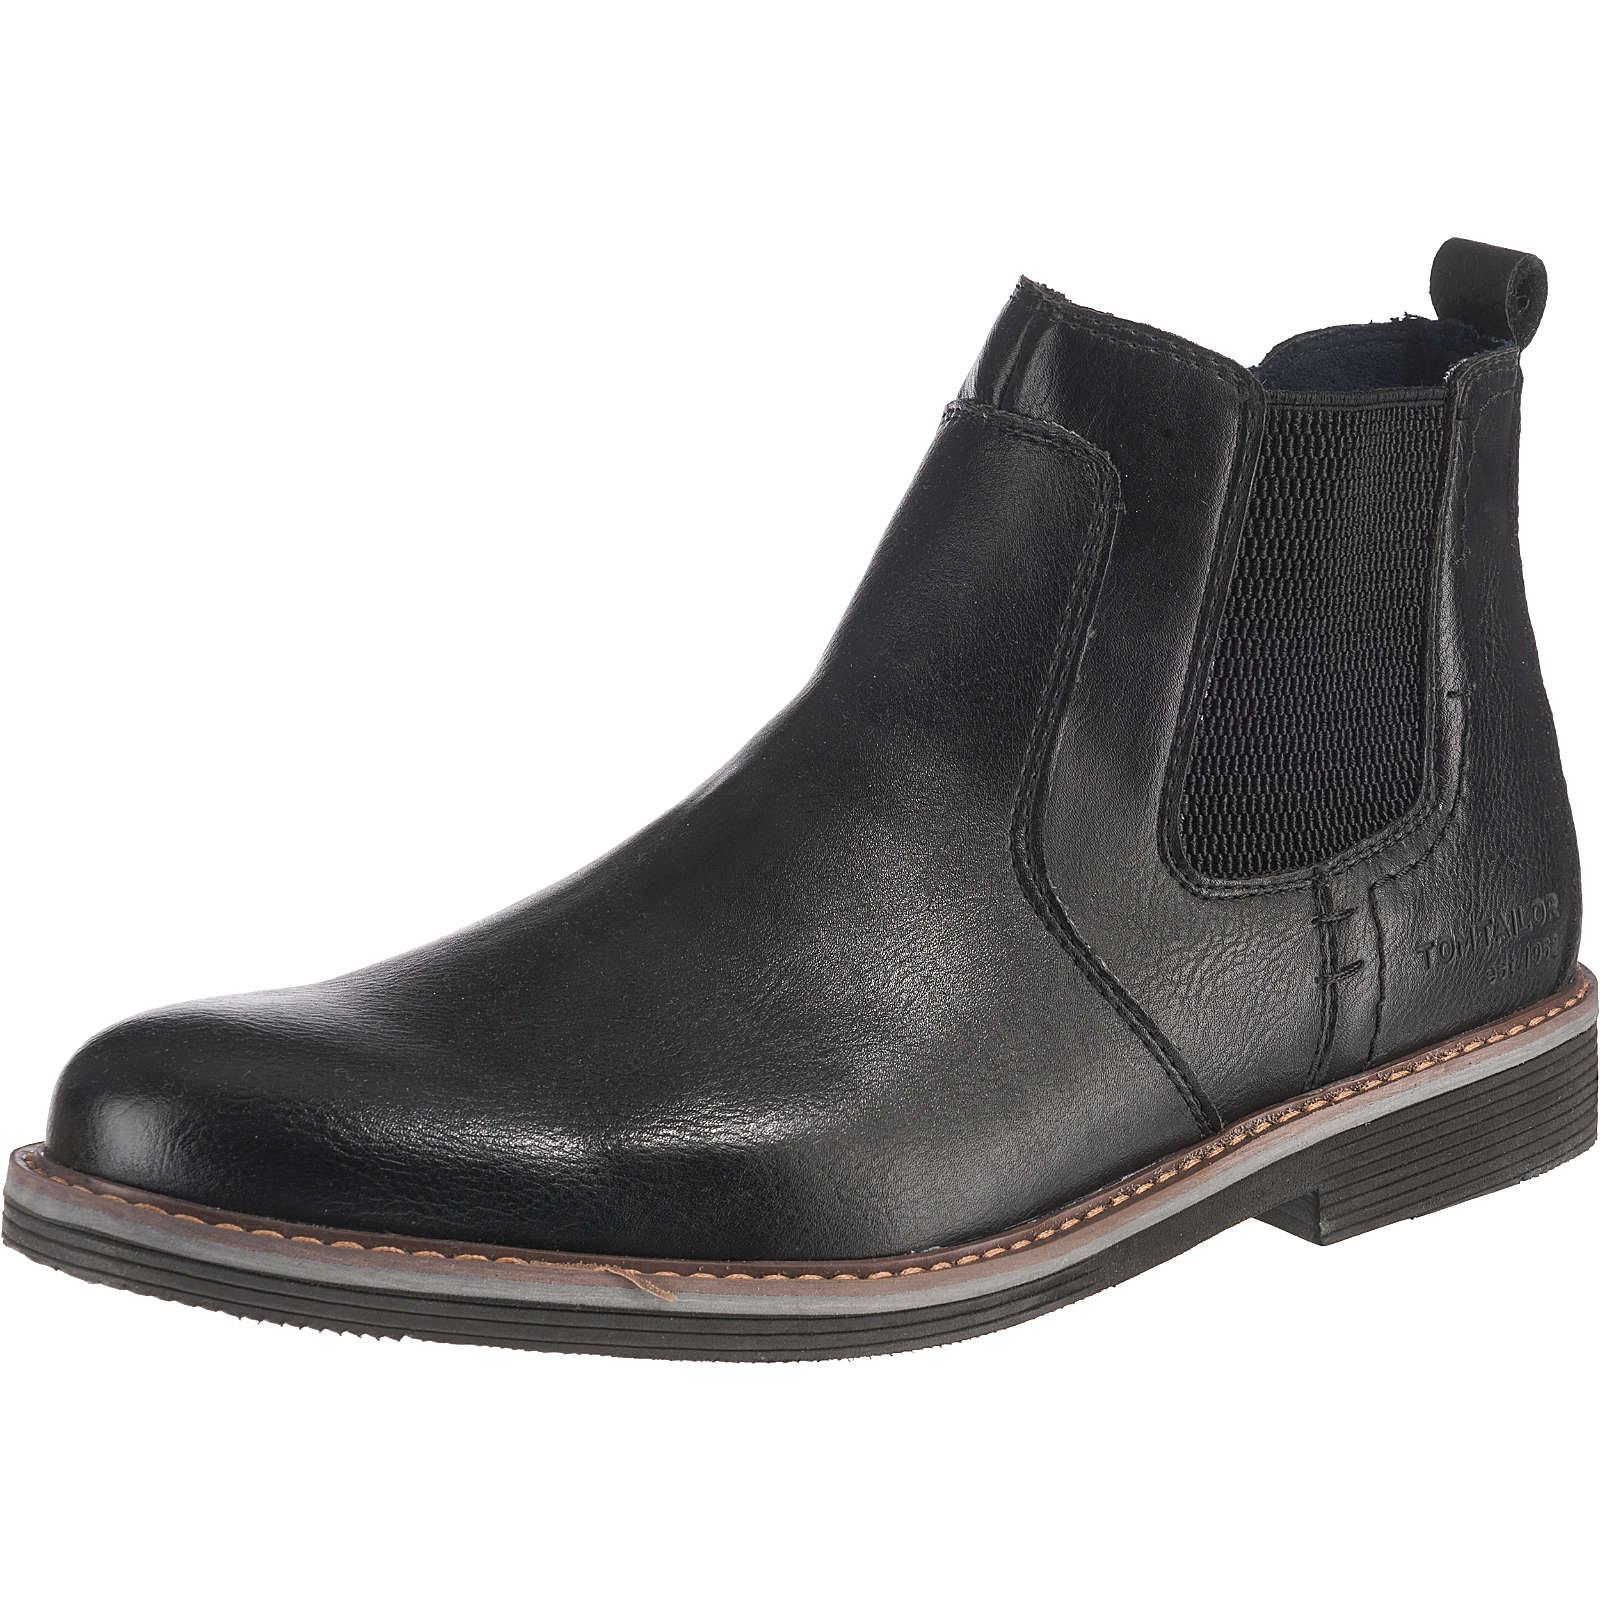 TOM TAILOR Chelsea Boots schwarz Herren Gr. 40